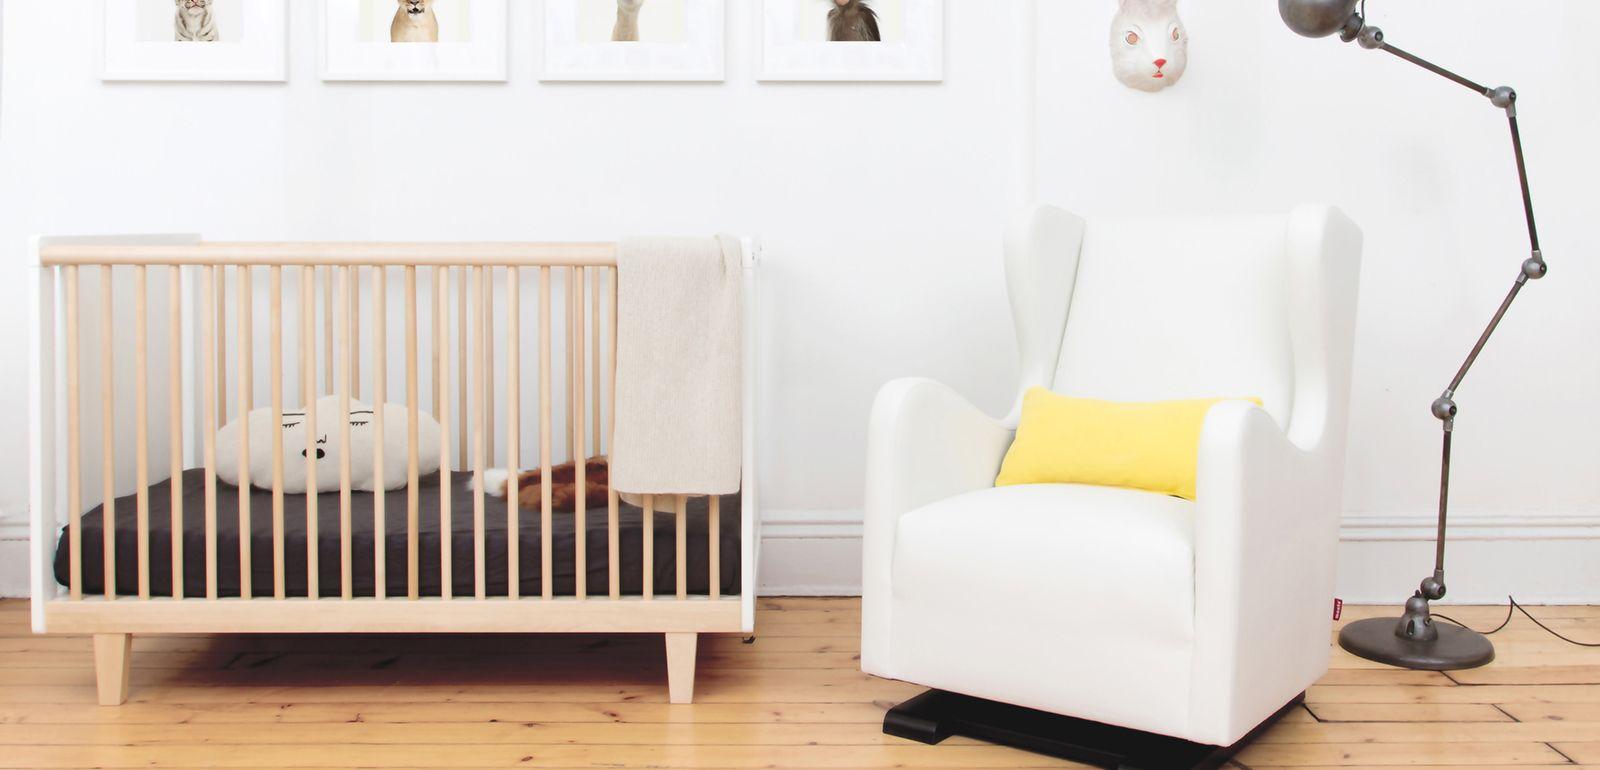 Mobilier design pour enfant mobilier kids meuble pour for Mobilier lit